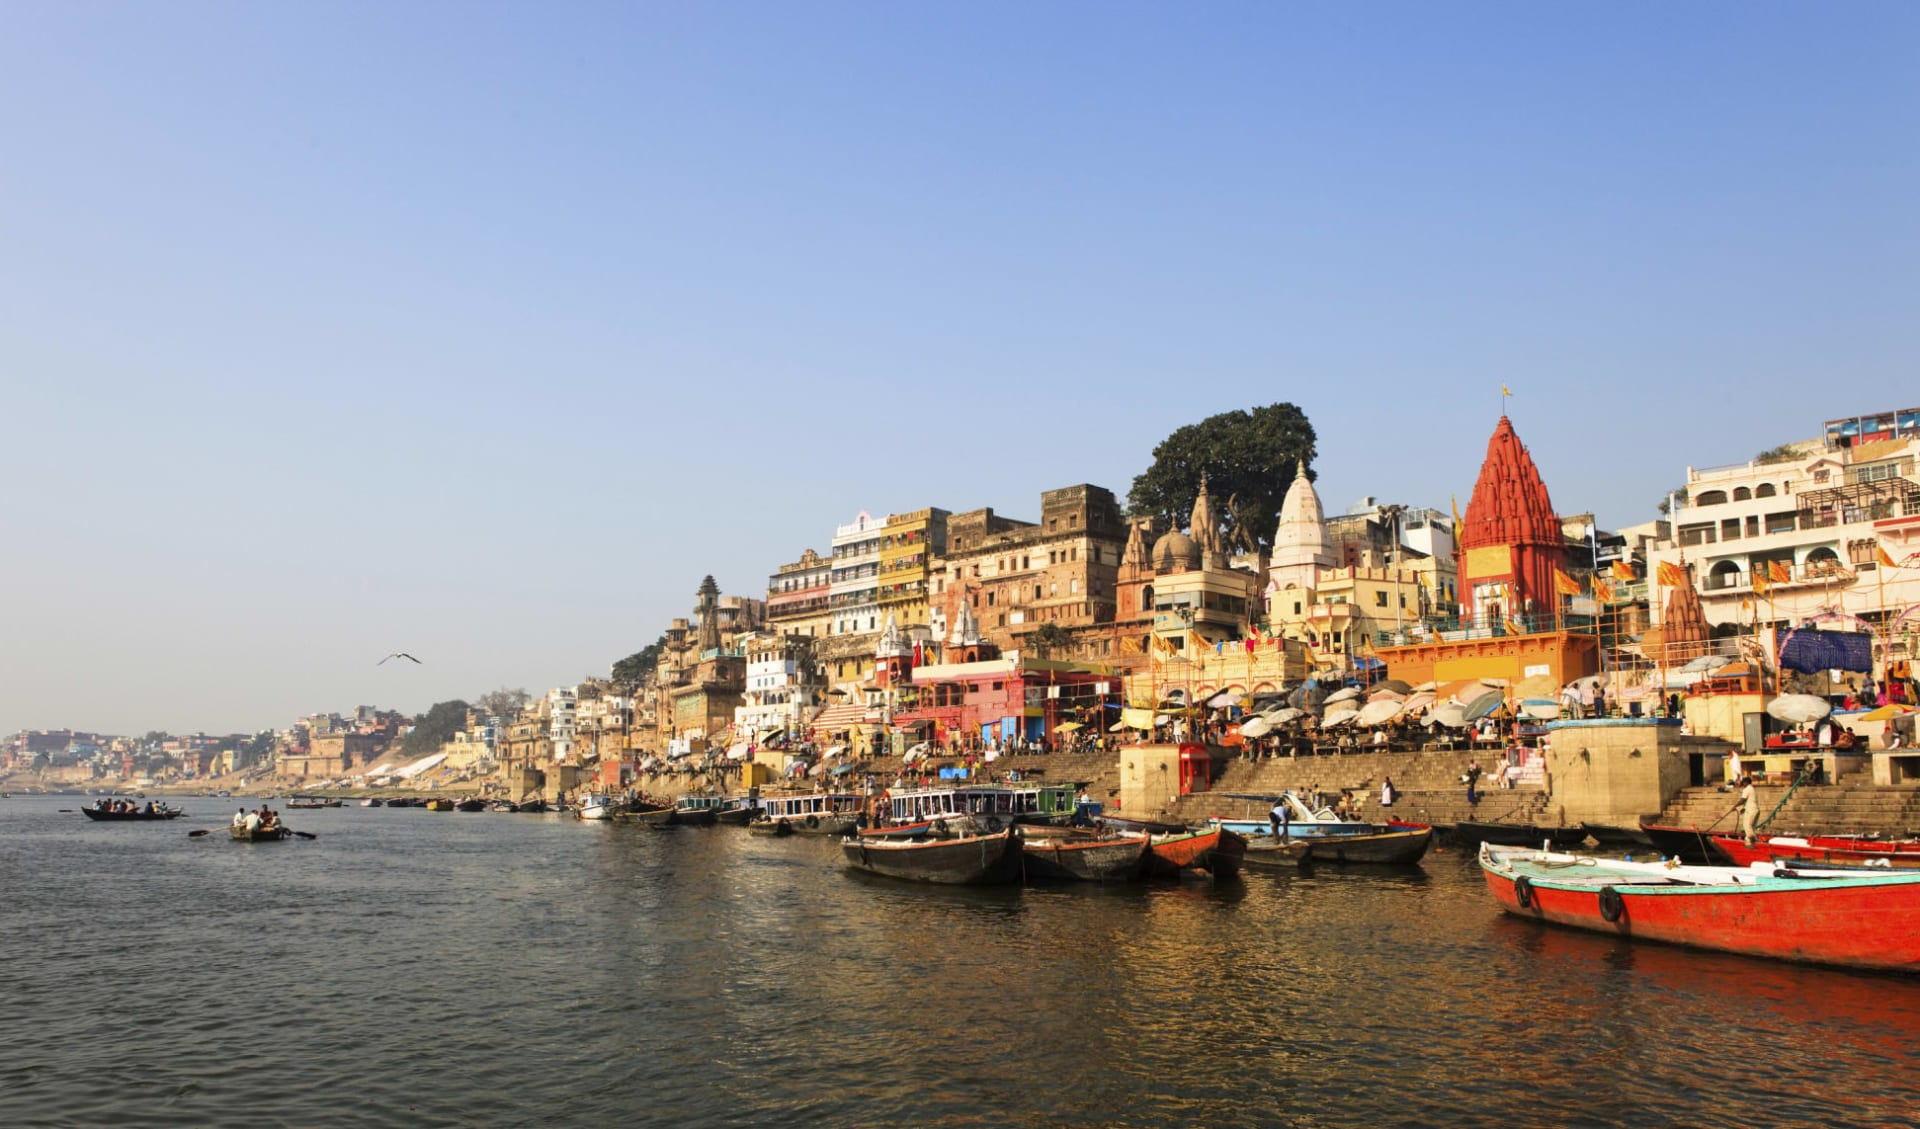 Reise zum heiligen Ganges ab Delhi: Varanasi: view from the river